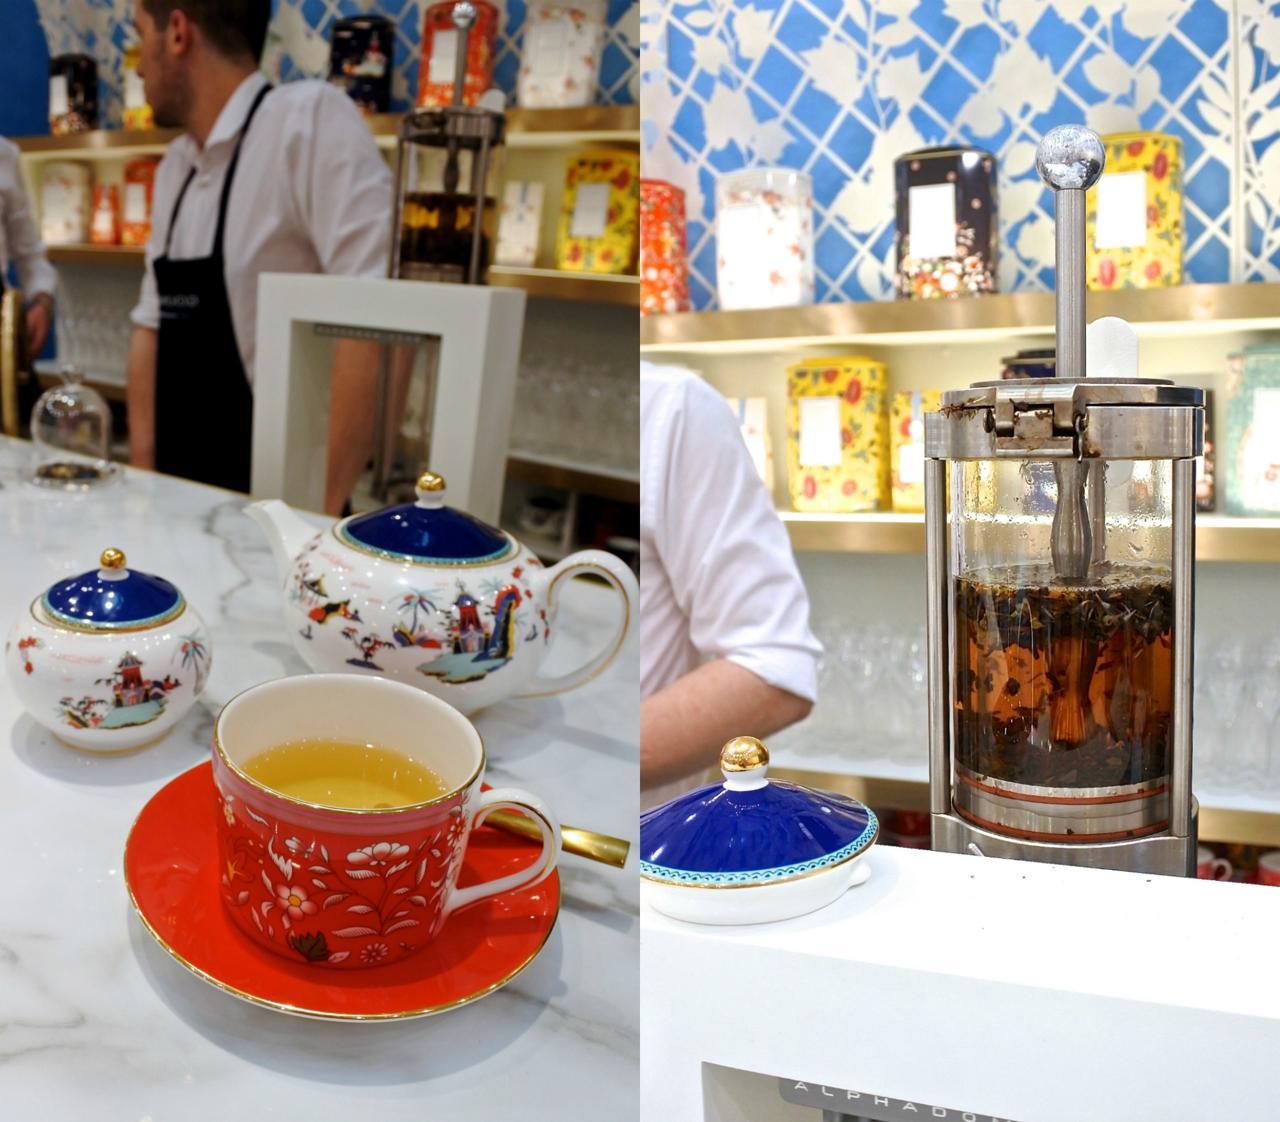 シャネルの5番にインスパイアされたロココ・フラワーズ!(左)。お茶を最適環境で淹れるティー・メーカーに目が釘付け